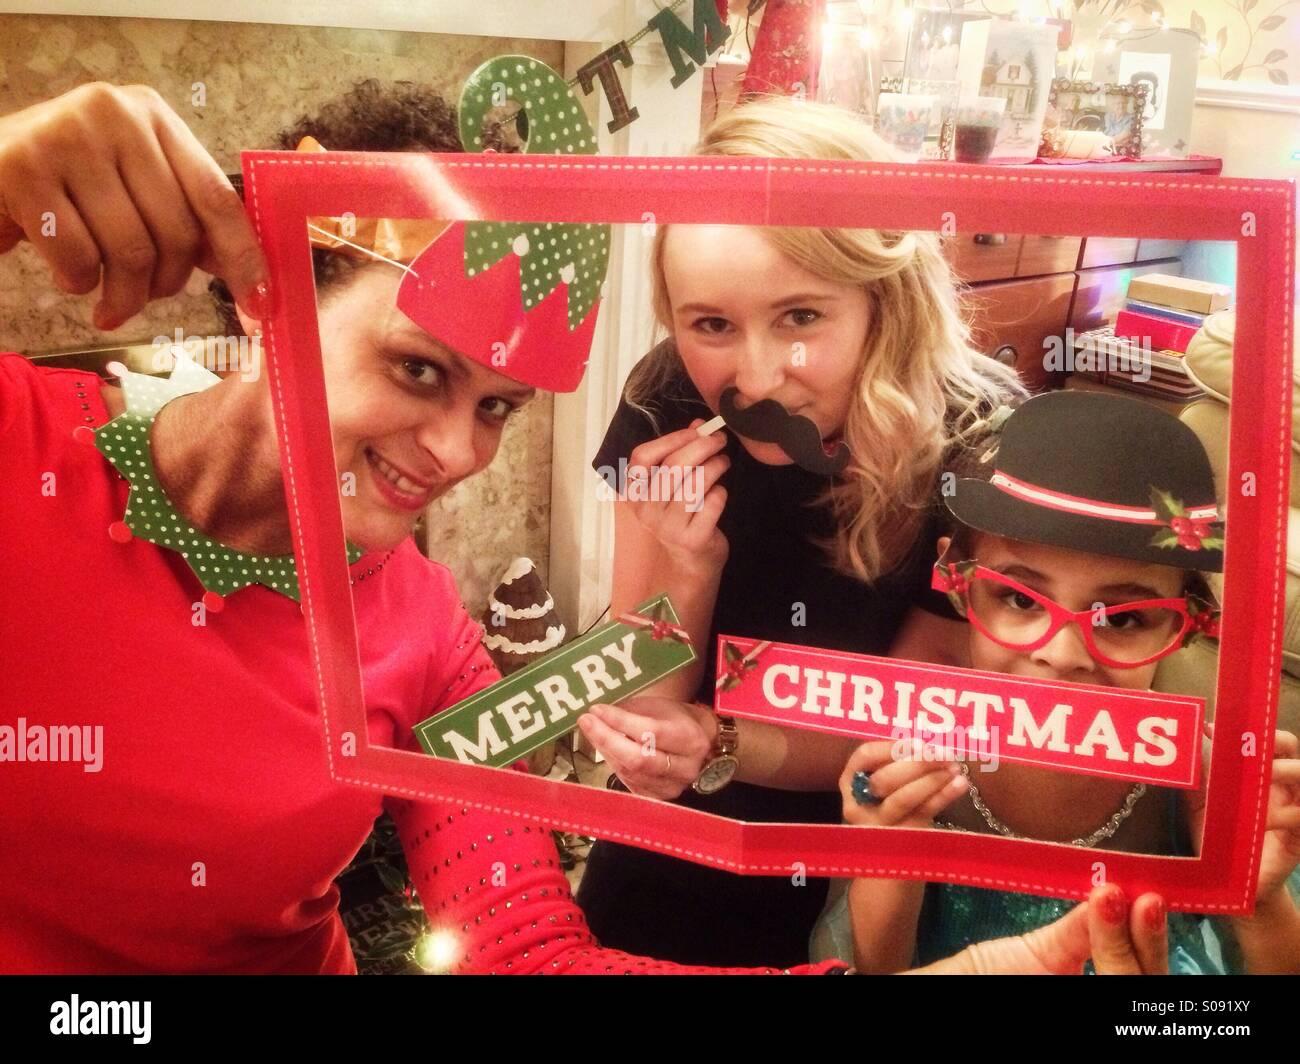 Frohe Weihnachten! Stockbild